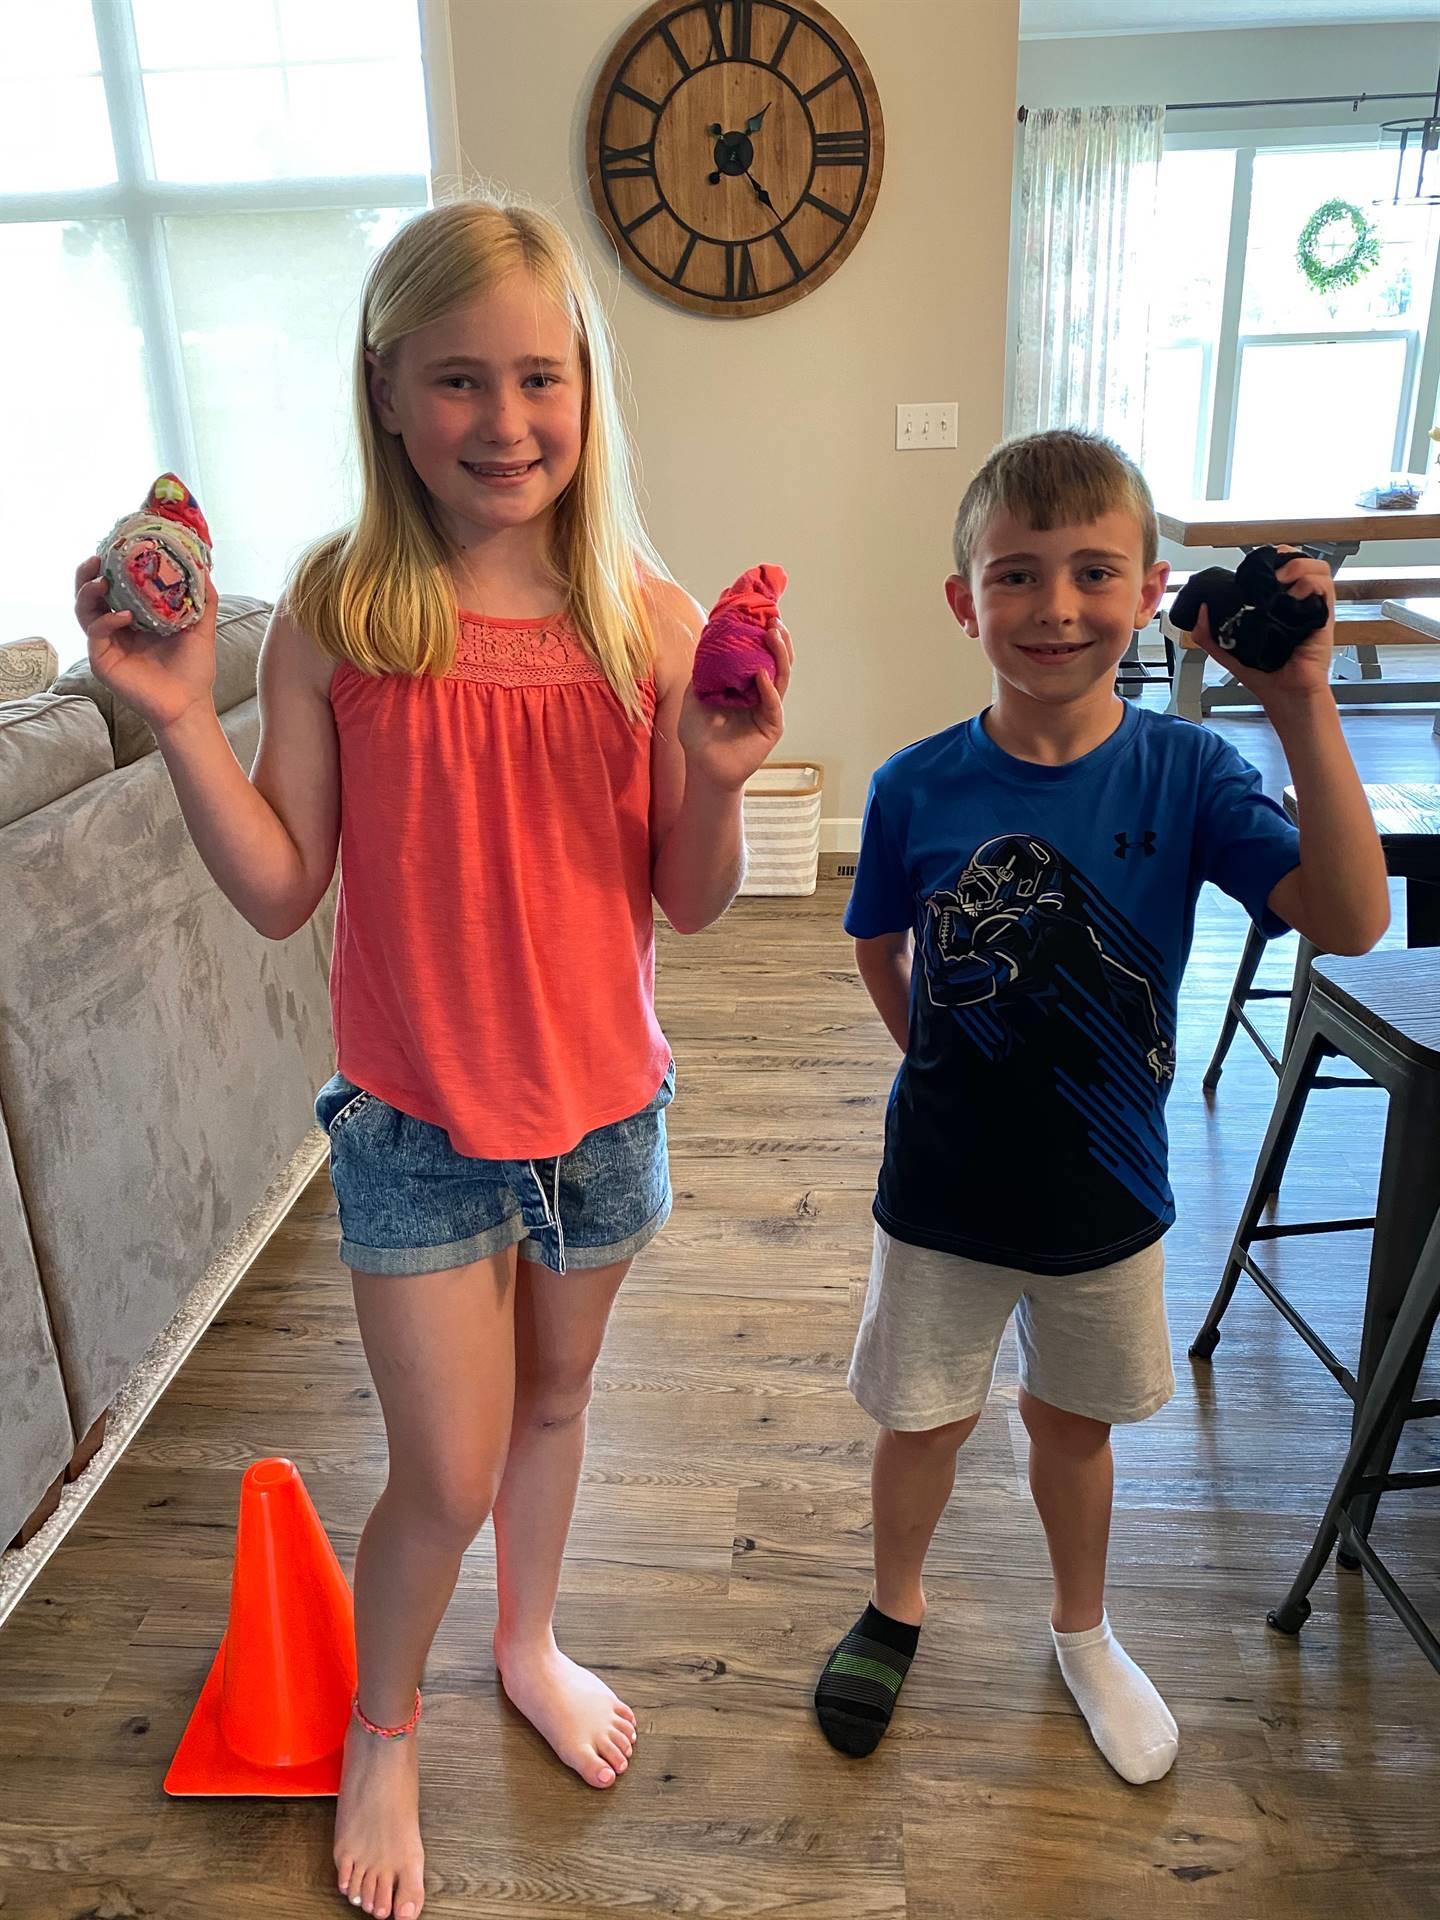 boy and girl holding sockballs